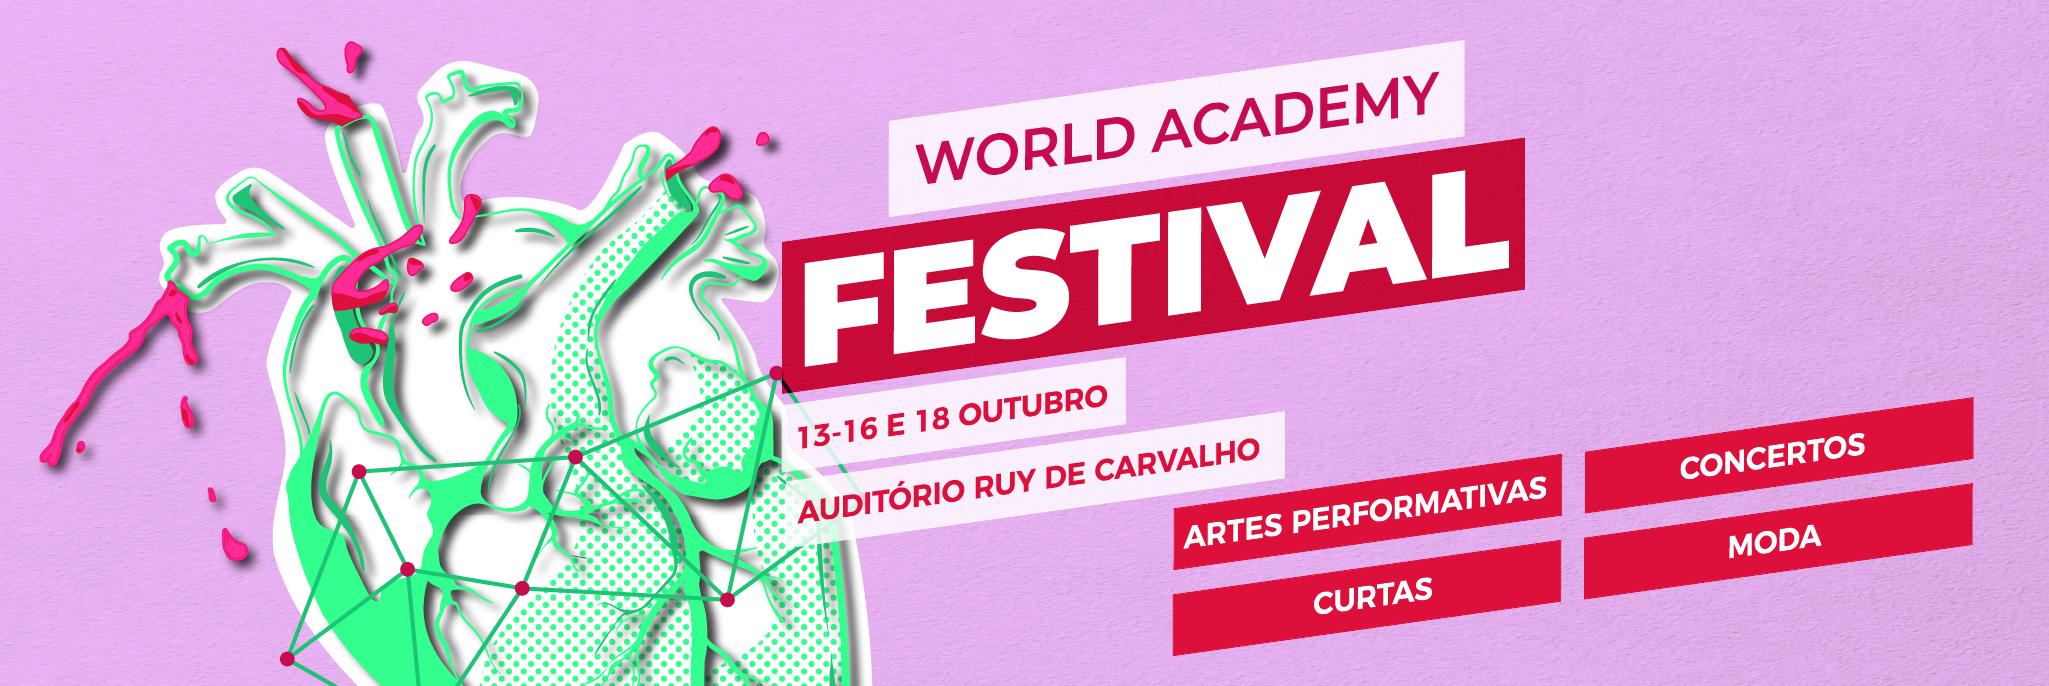 Festival World Academy 2020